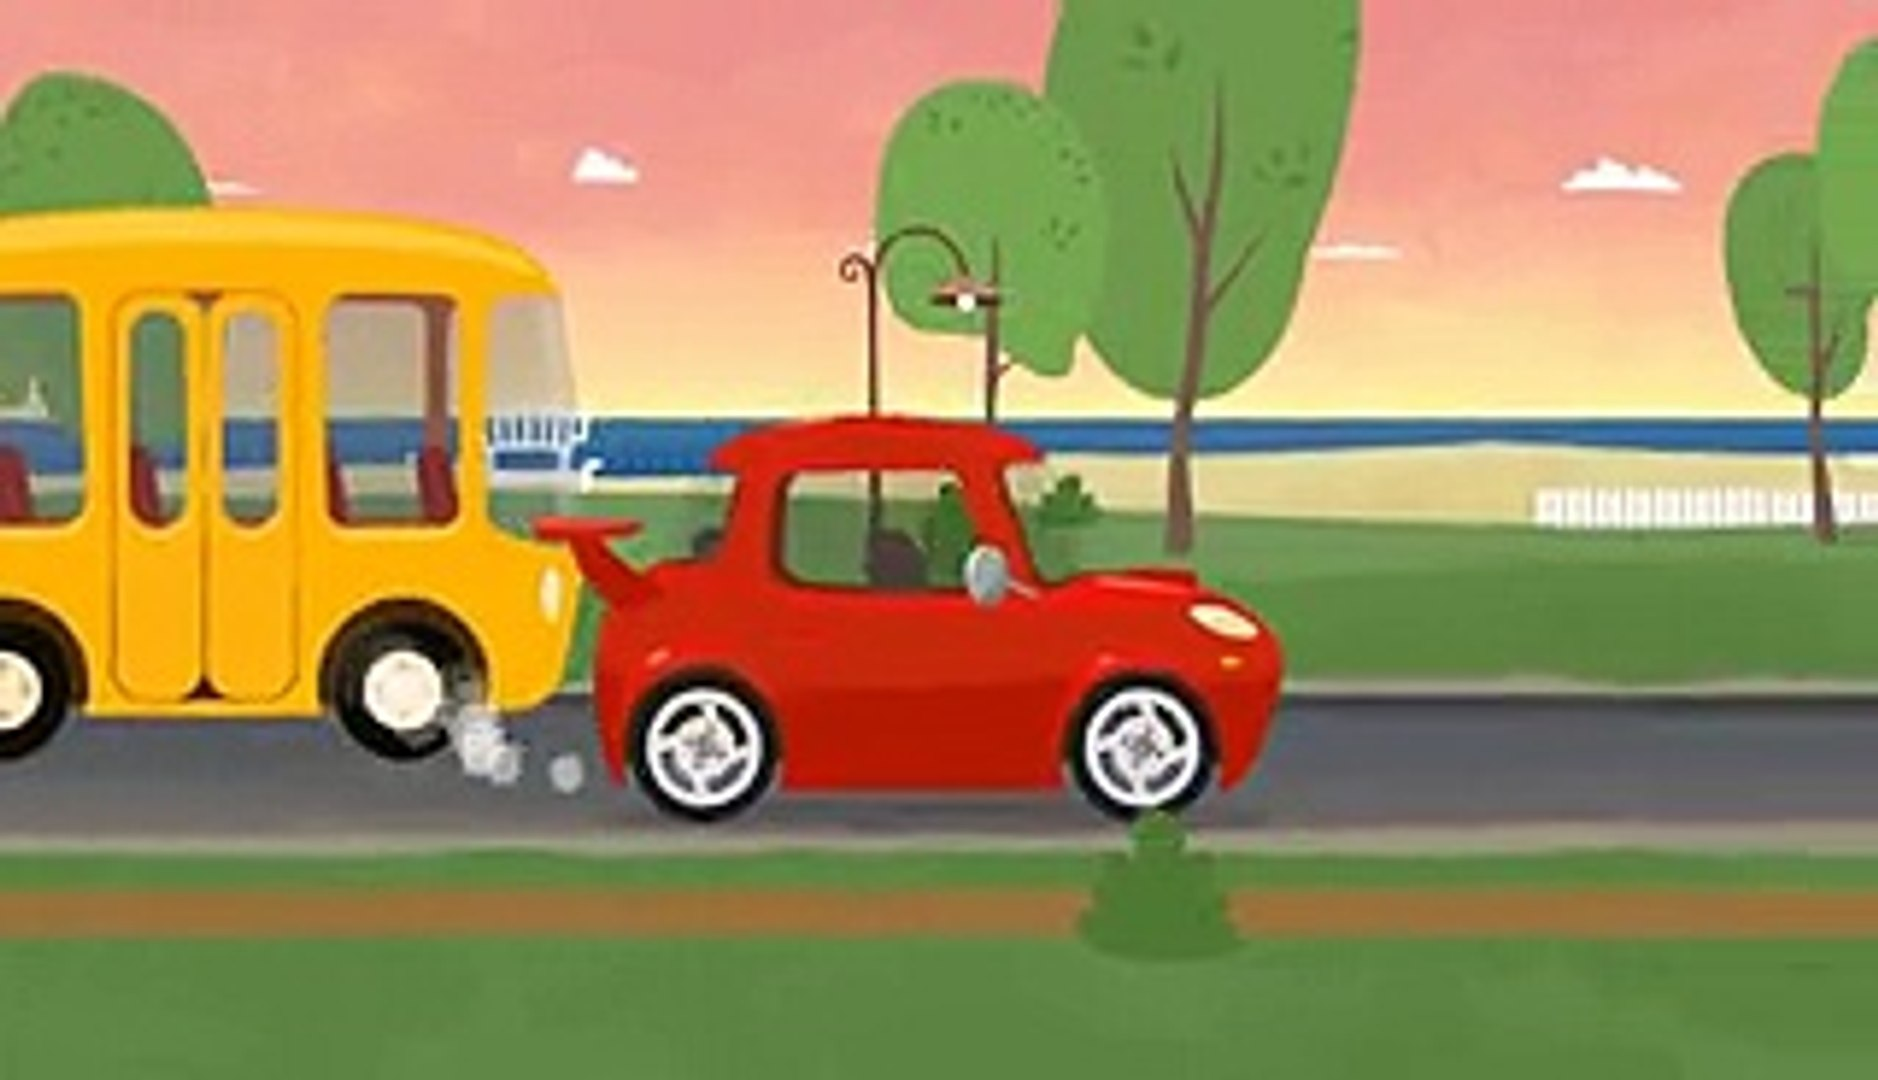 Çizgi film - Doktor Mac Wheelie - Kırmızı araba - Türkçe dublaj Çizgi Film izle - Animasyon HD izle